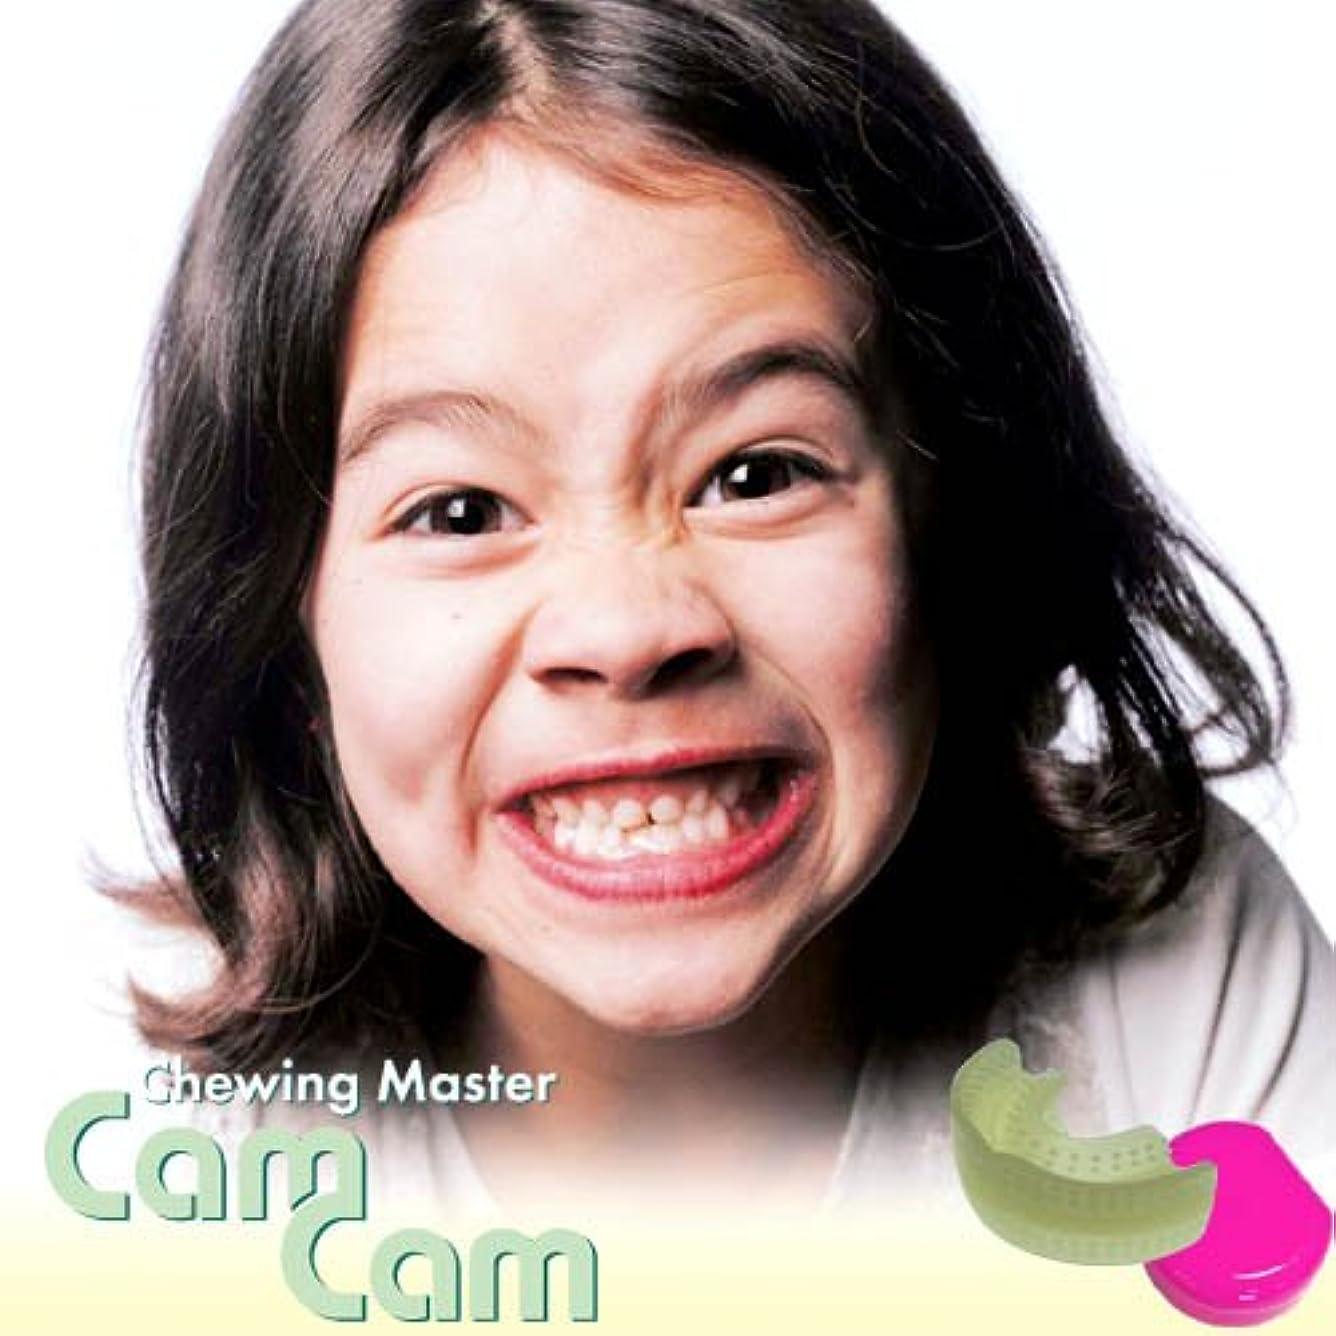 歯科医師開発 口腔筋機能トレーニングマウスピース【CamCam ST】カムカム (ピンク) 乳歯列期から混合歯列期用